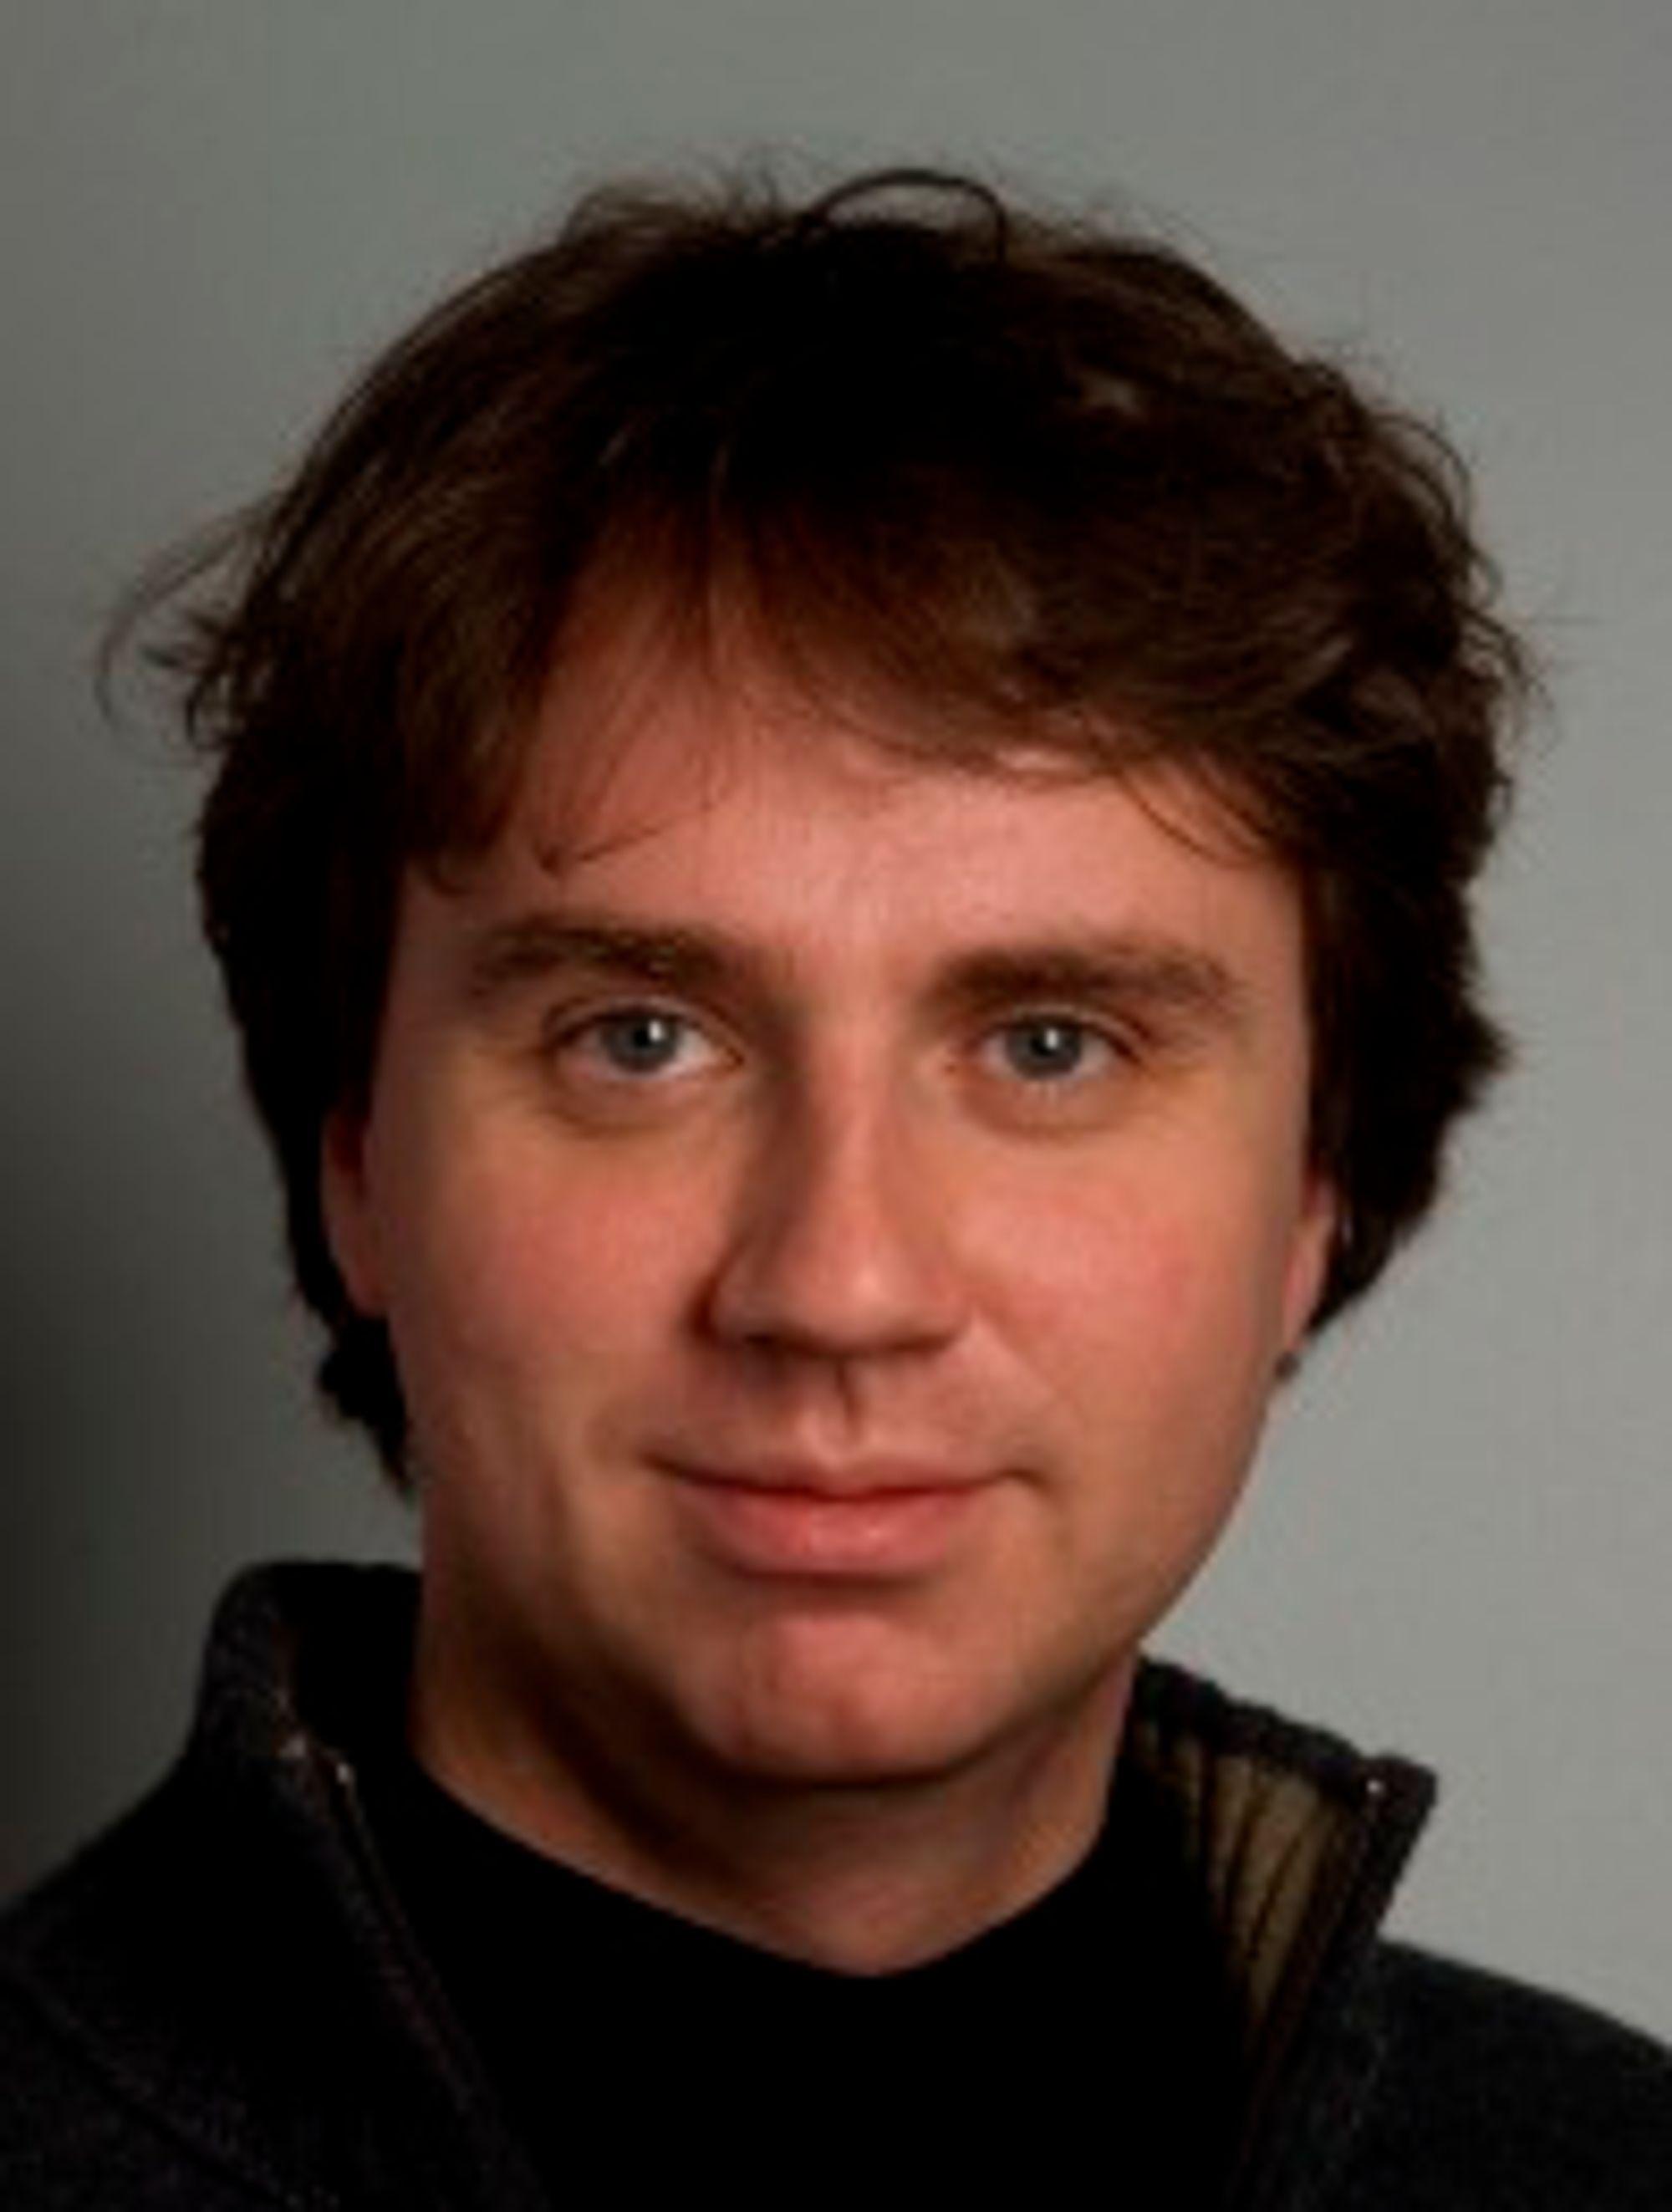 Úšlfar Erlingsson er forskningssjef for sikkerhet i Google mens han har permisjon på ubestemt tid fra sin stilling som førsteamanuensis ved Reykjavík universitet.